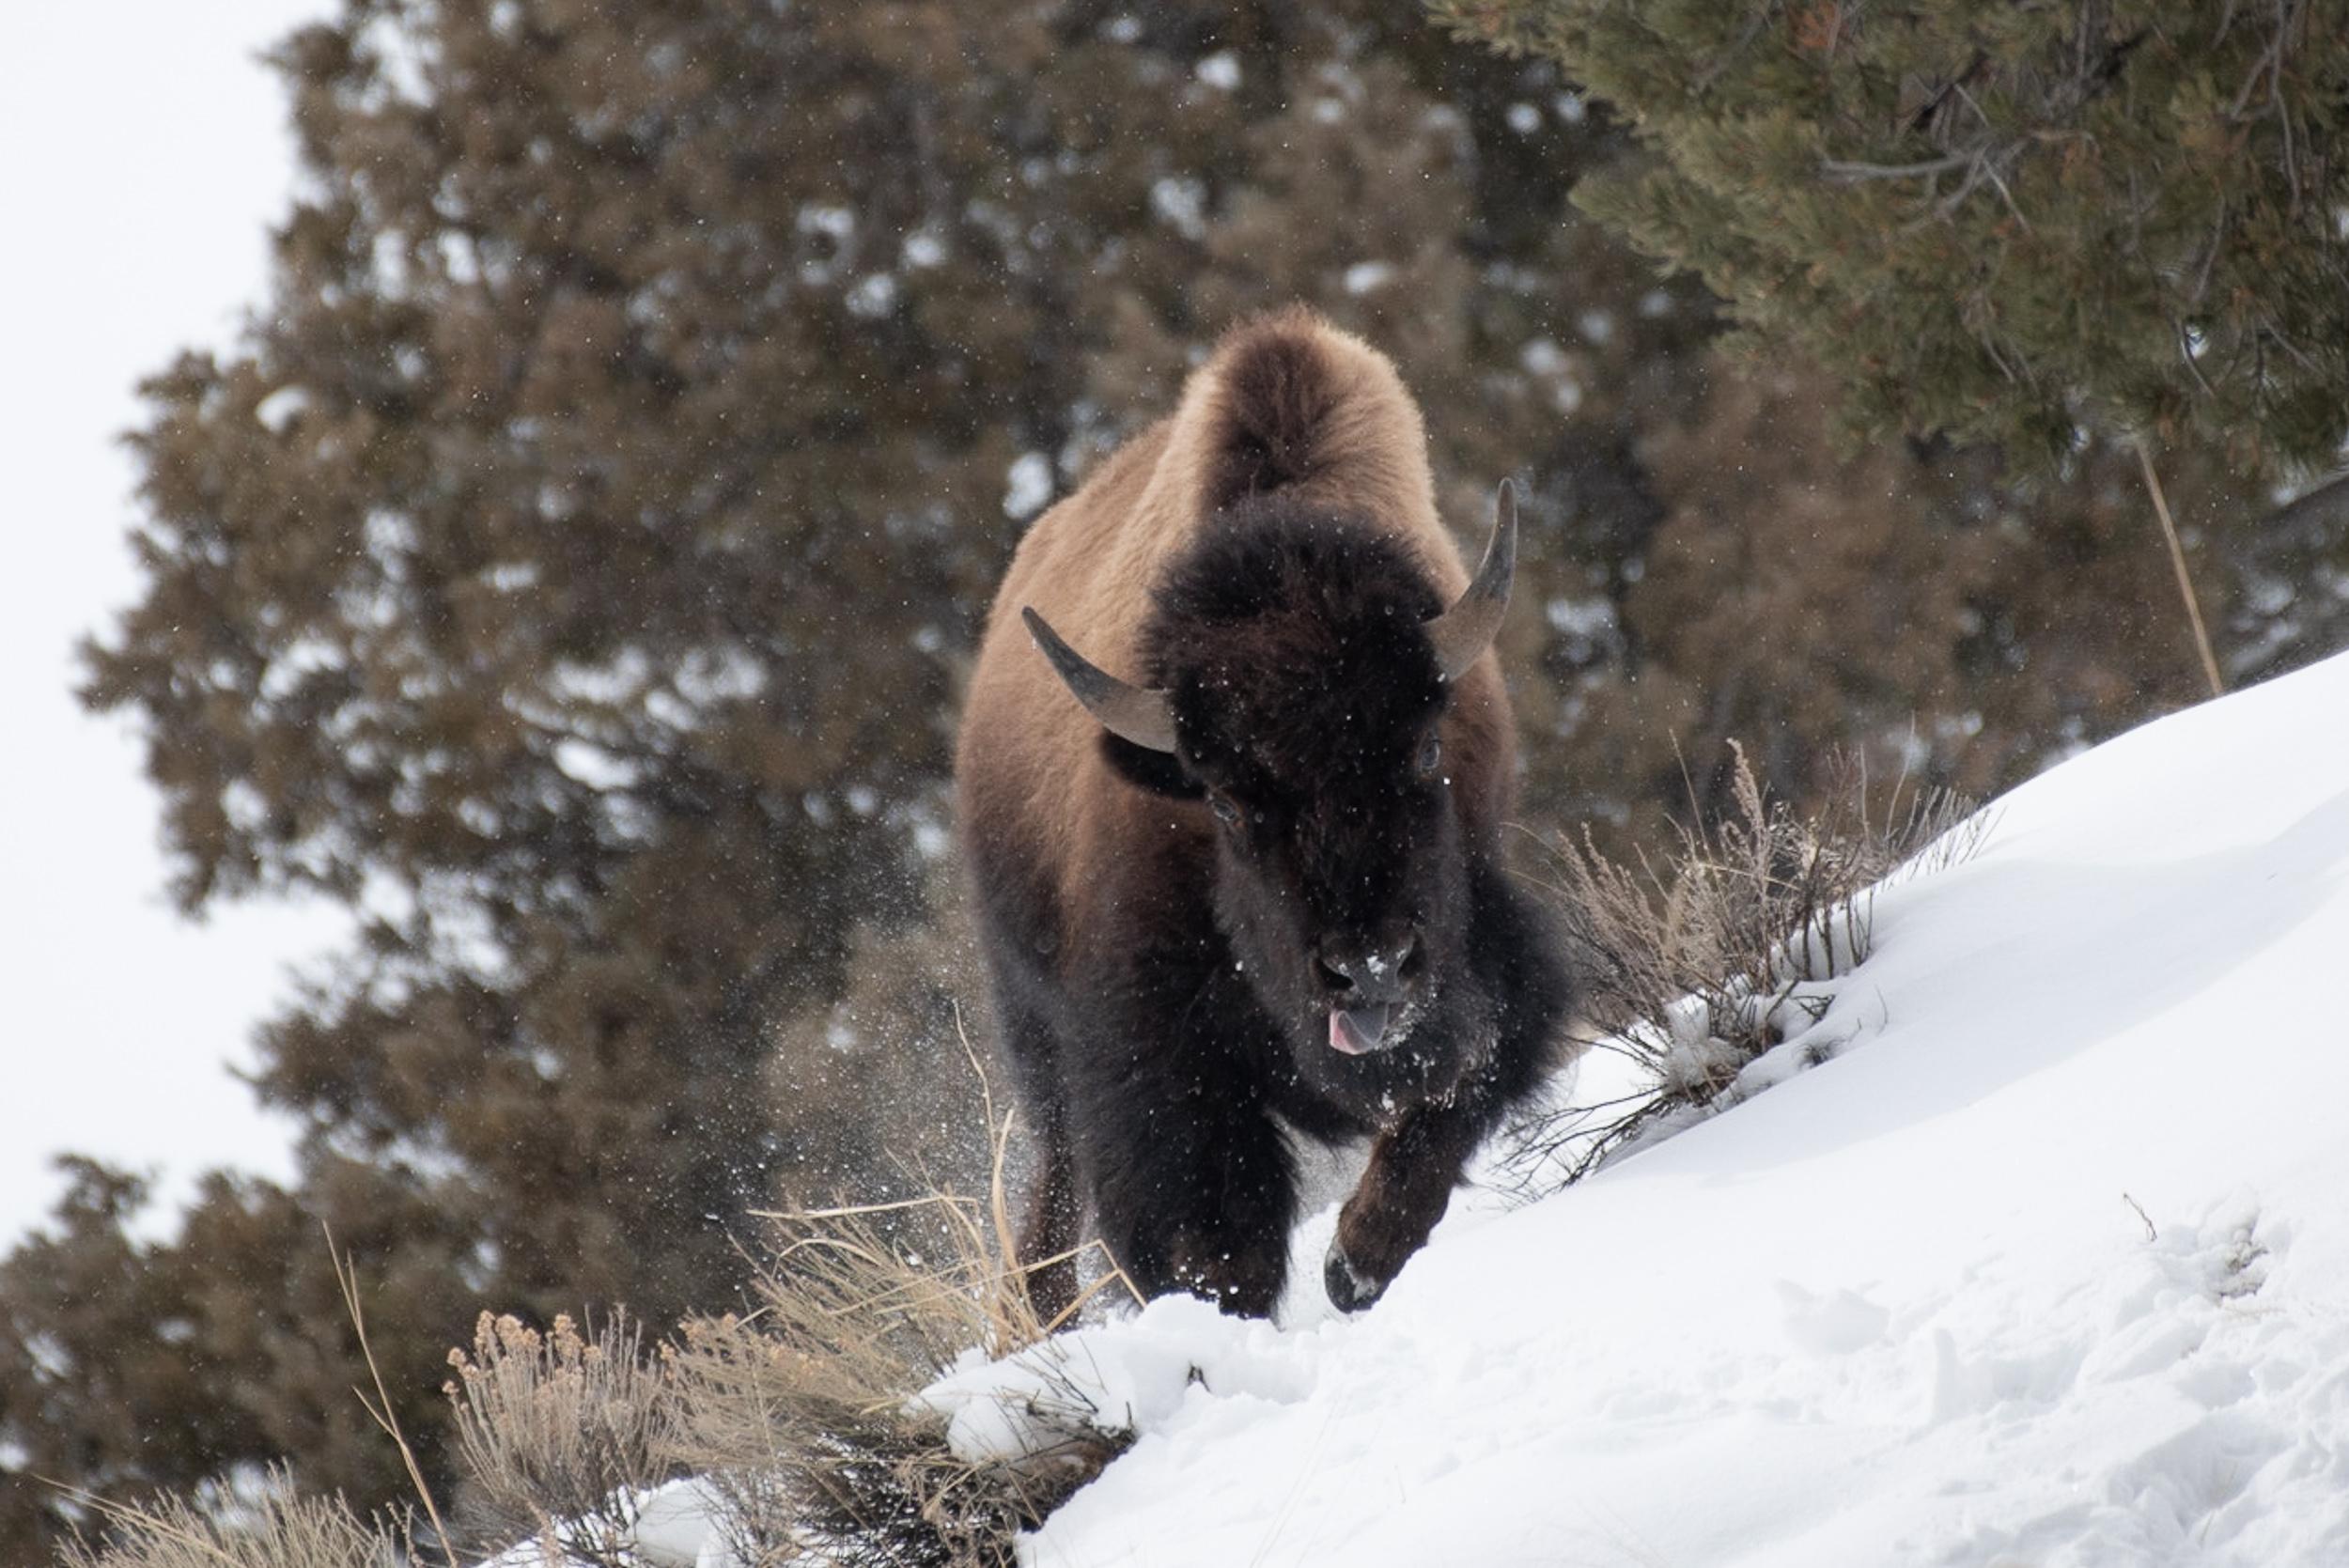 The Jordan Bison